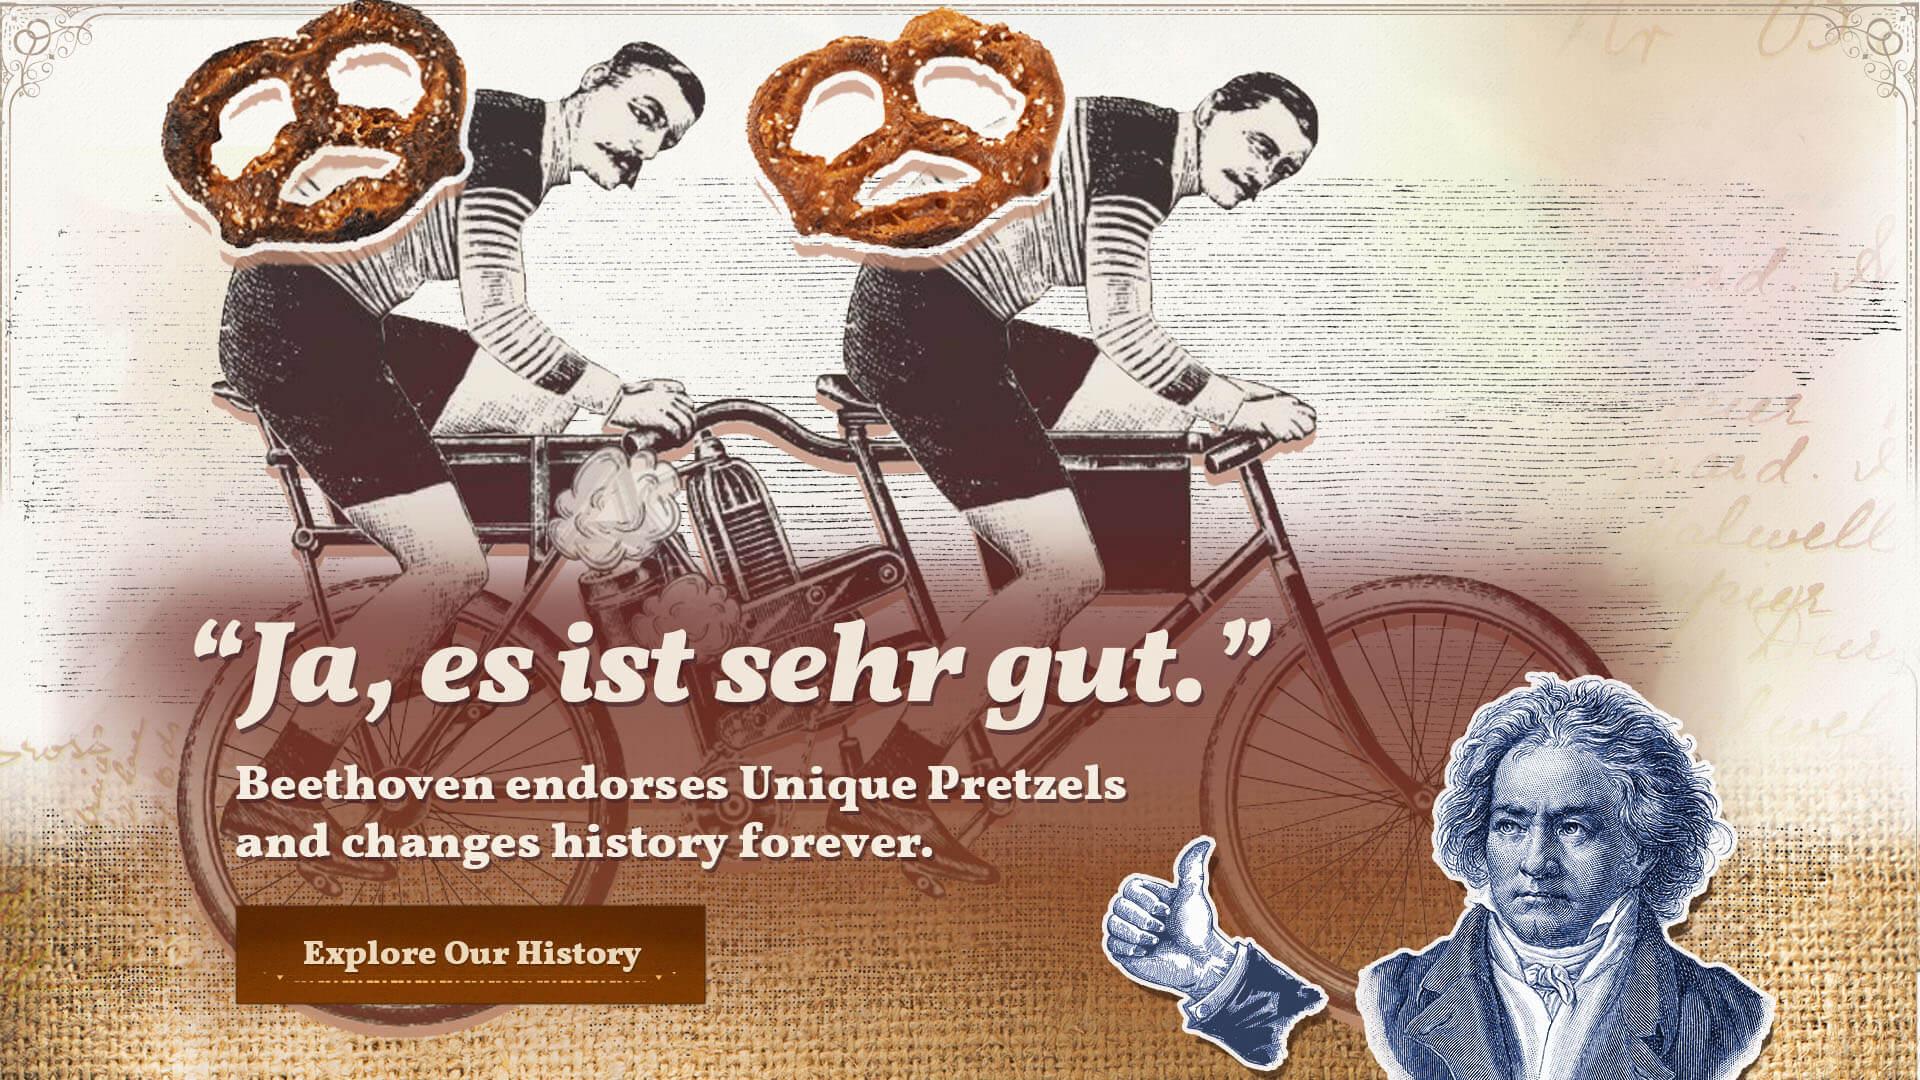 unique-pretzels_hero_1920x1080_01d_al_3-history.jpg